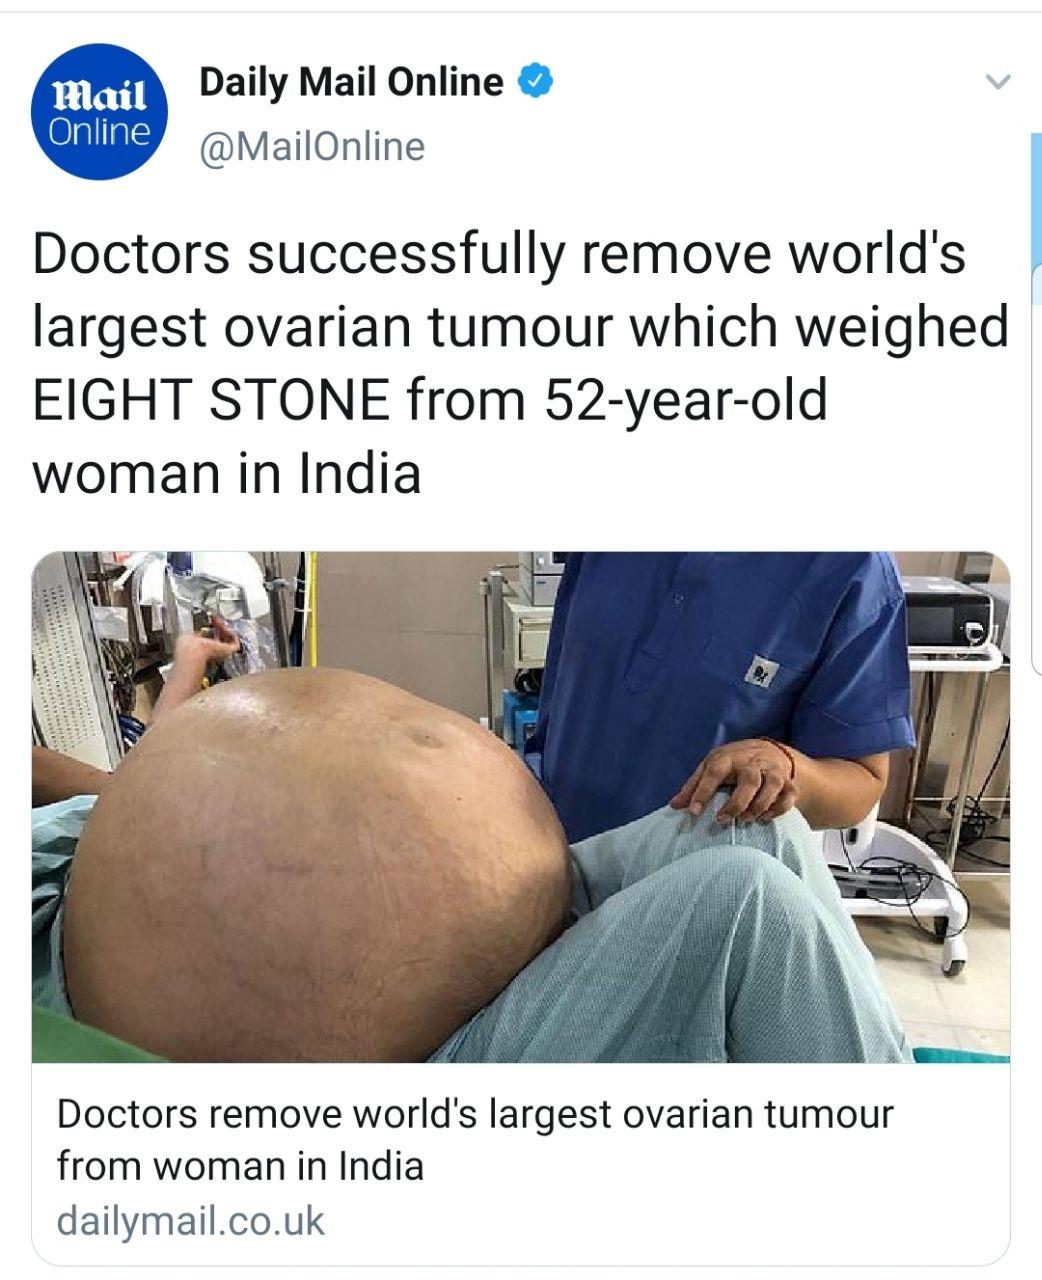 عمل جراحی روی تومور ۵۰ کیلویی یک زن! + عکس